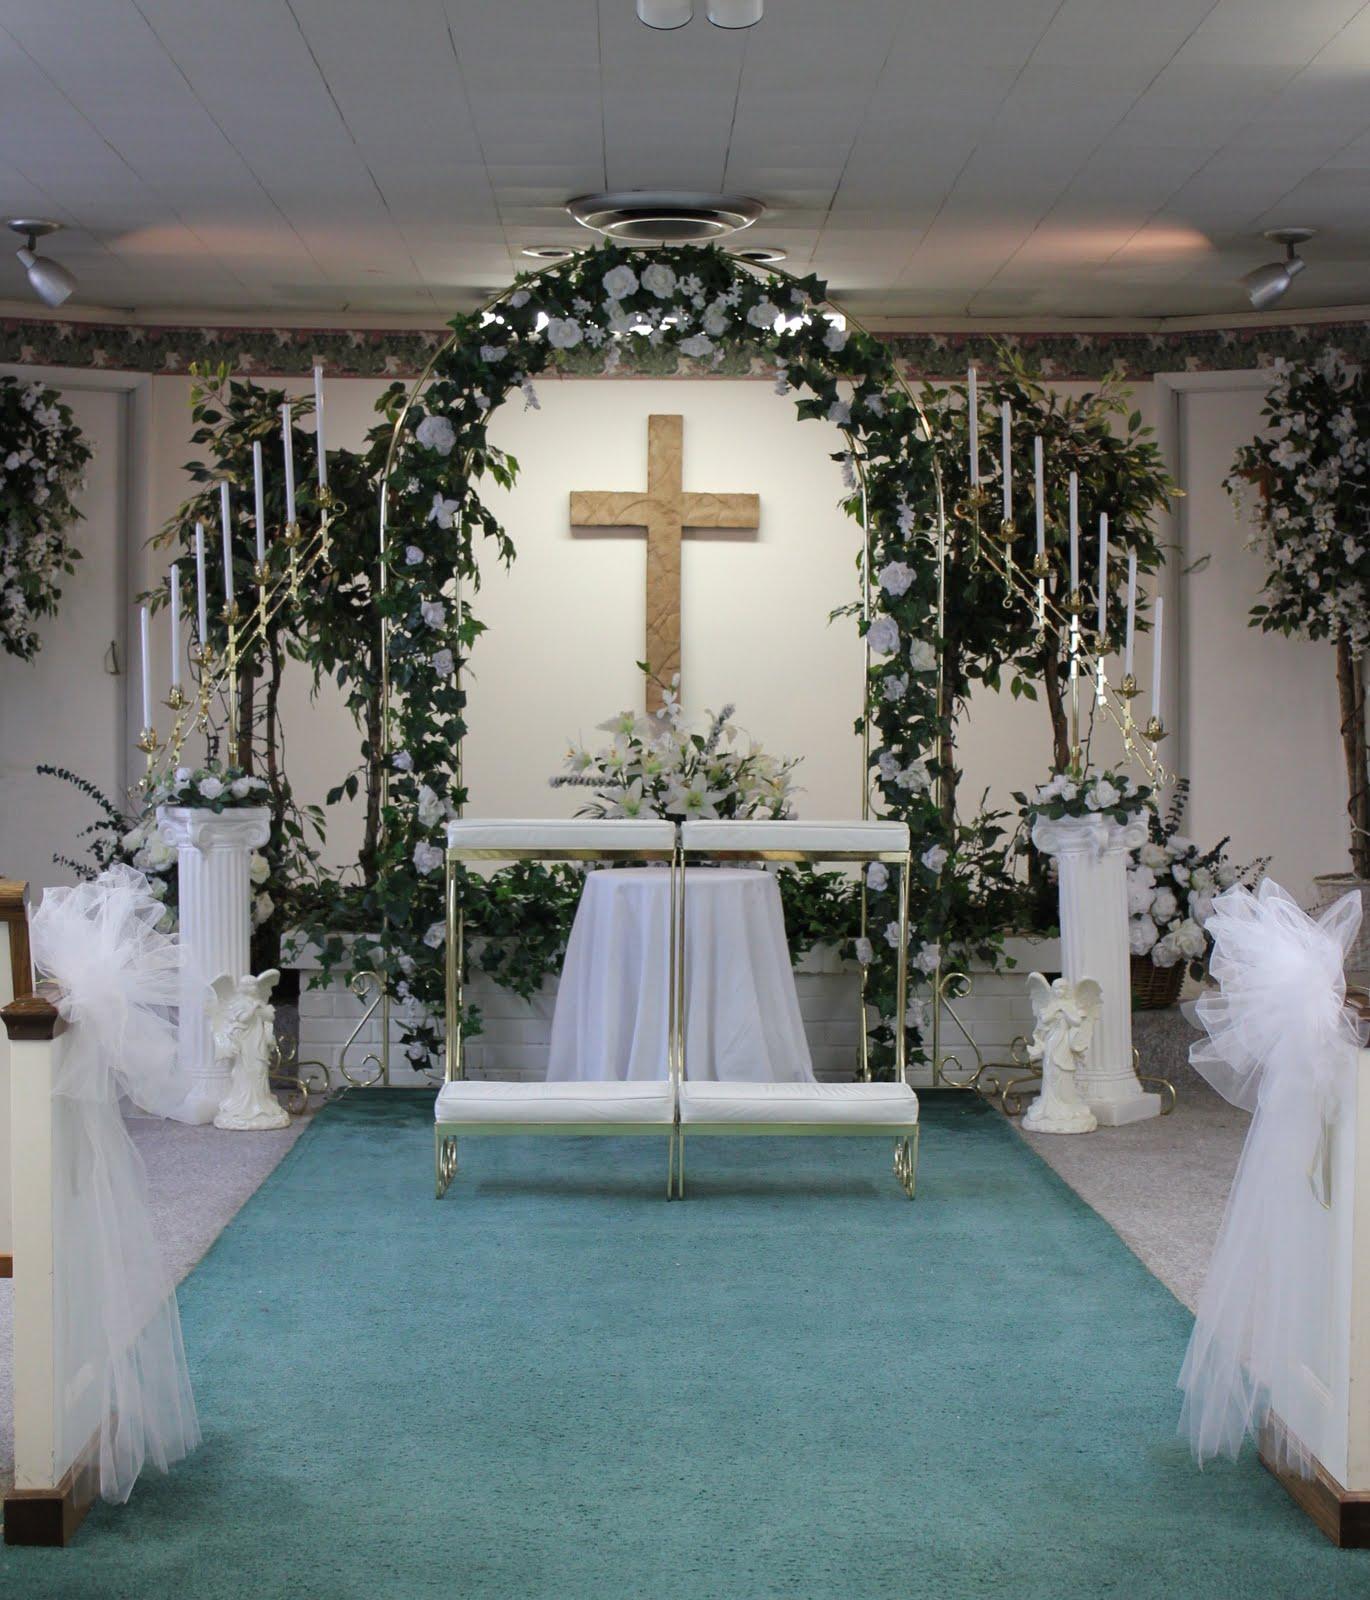 Wedding Chapel: The Wedding Chapel